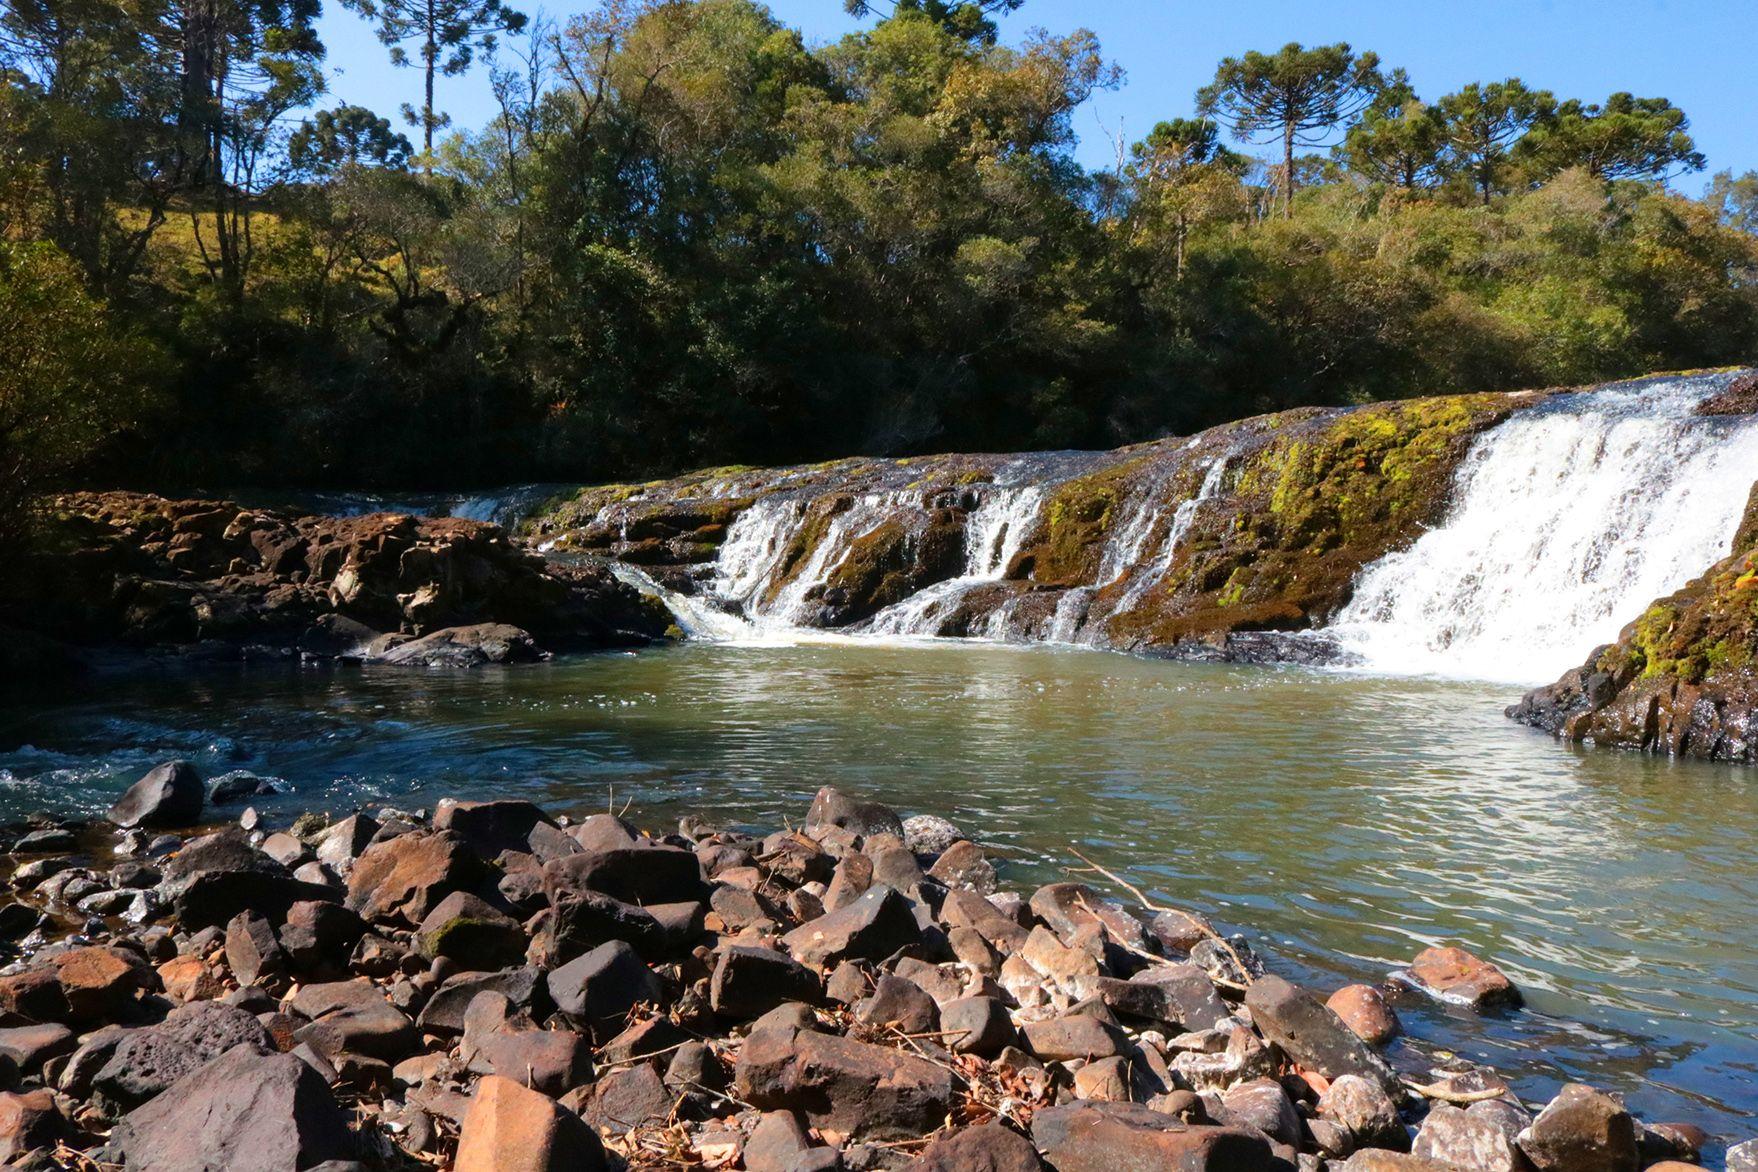 A Caminhada Internacional da Natureza revela as belas paisagens do município. Foto: Prefeitura de Turvo/Divulgação